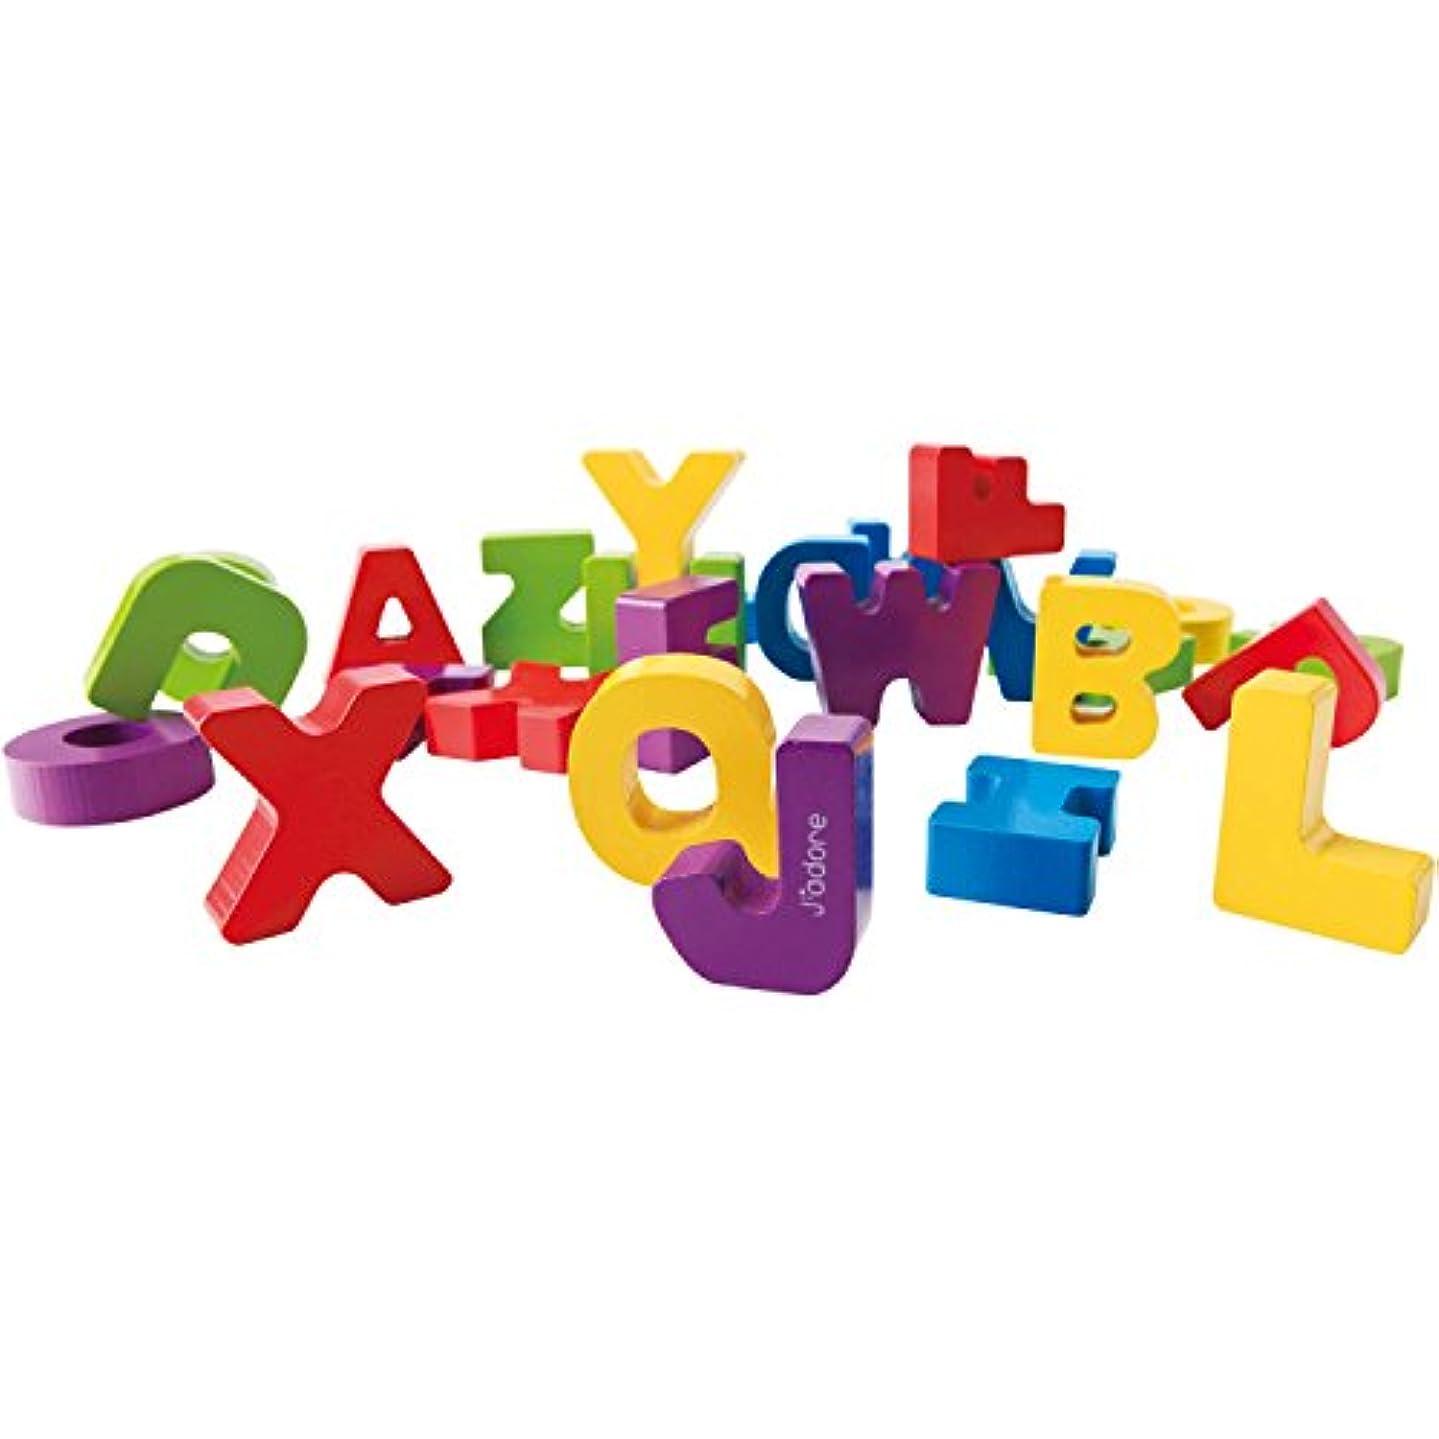 ラベル役立つ優越J'adore JAD-823843 A to Z Letters Wooden Toy